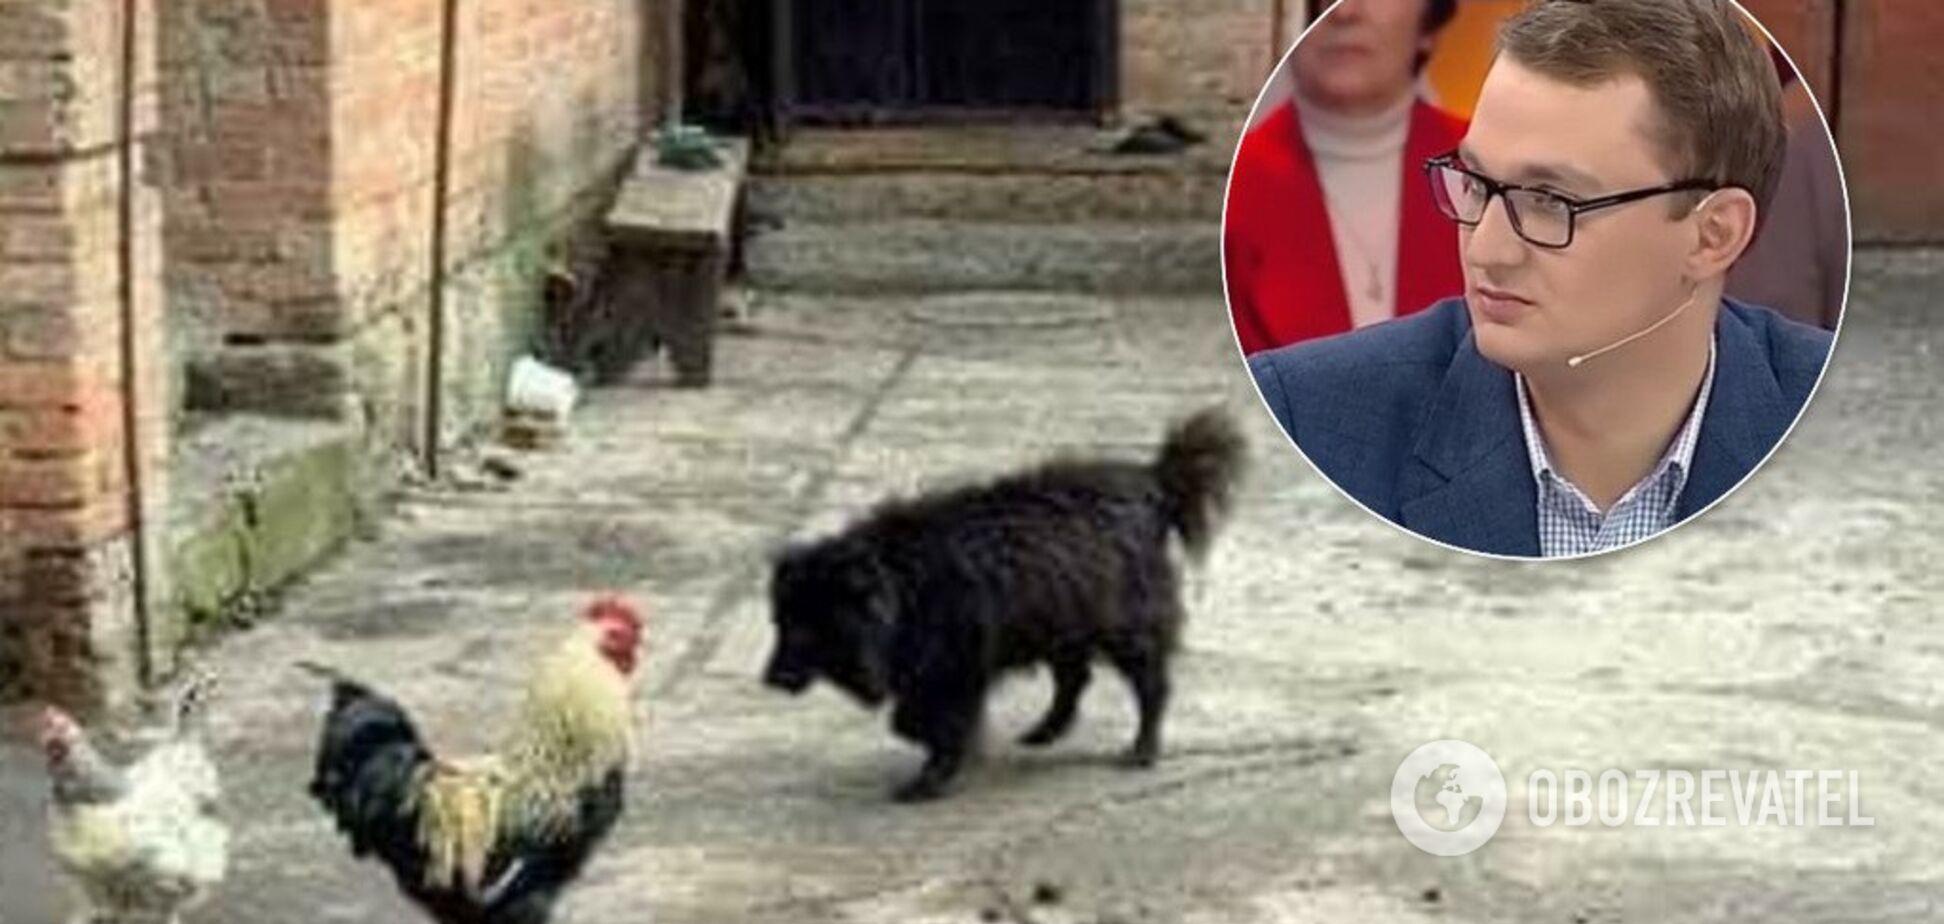 Скандал зі 'слугою' Брагарем: знайдений славнозвісний собака пенсіонерки